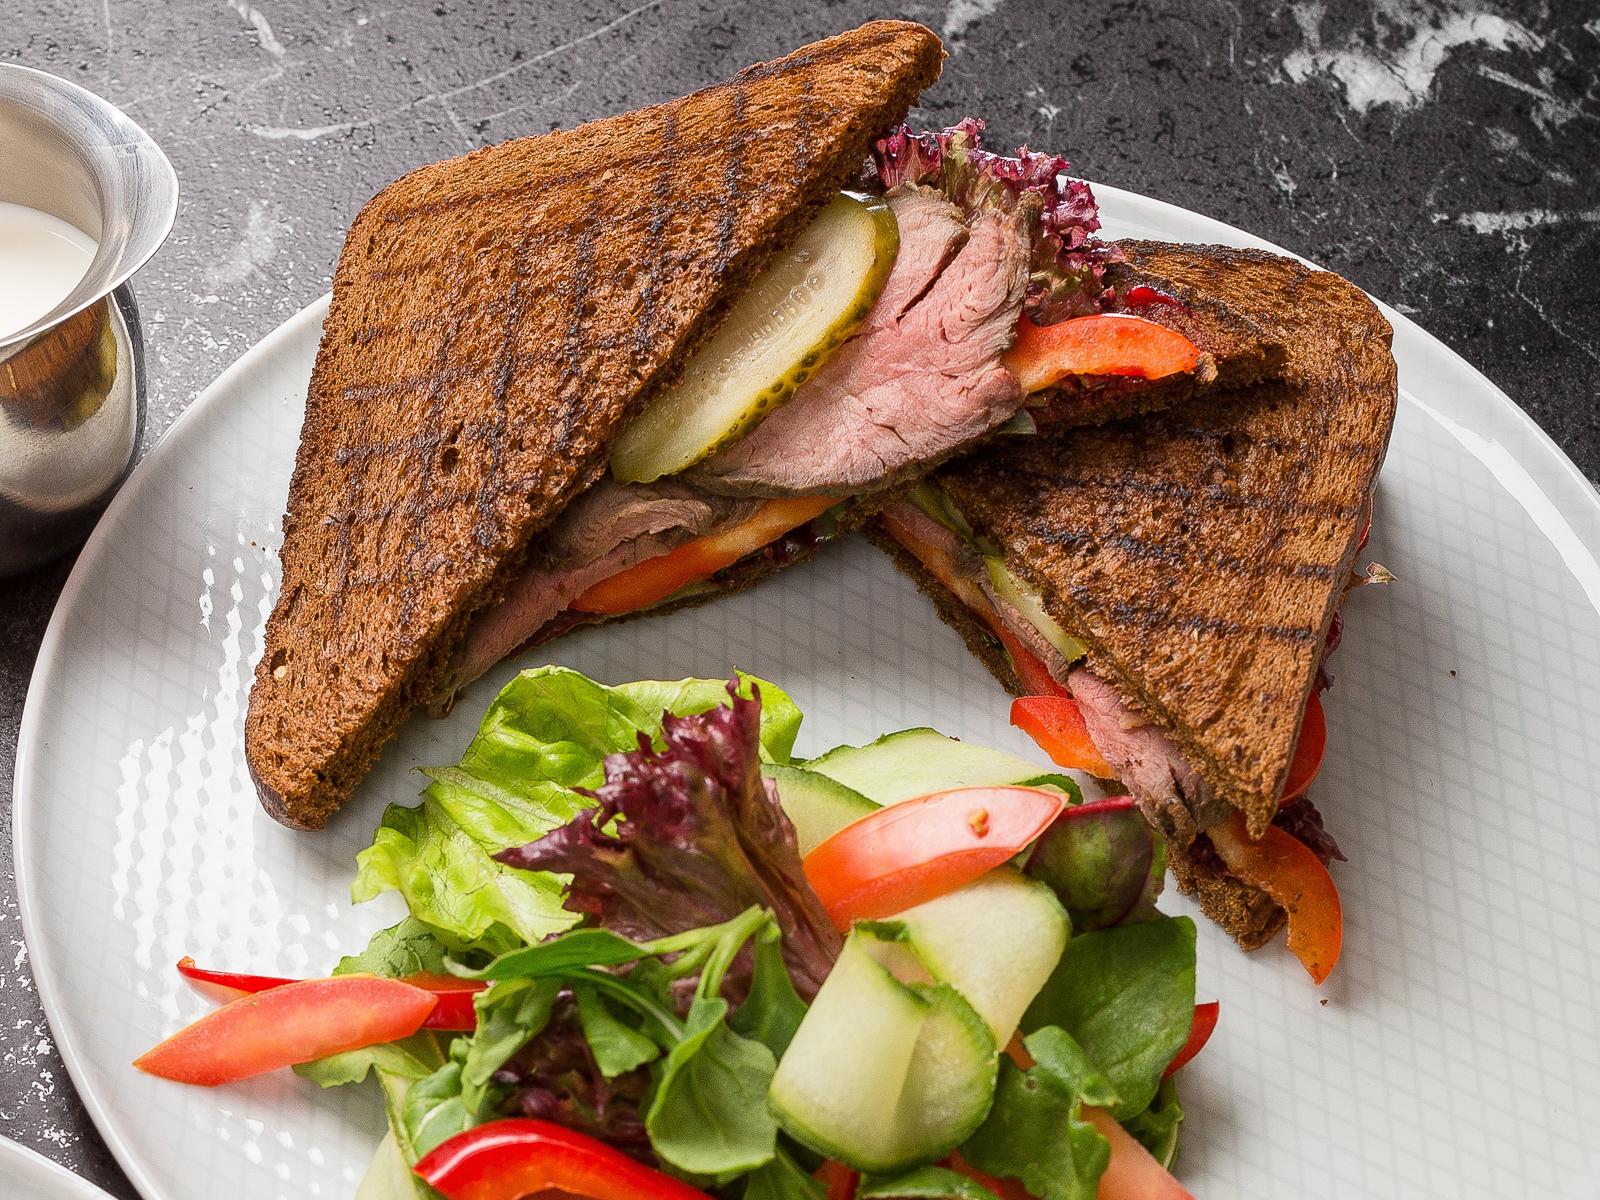 Сет с сэндвичем и овощным салатом